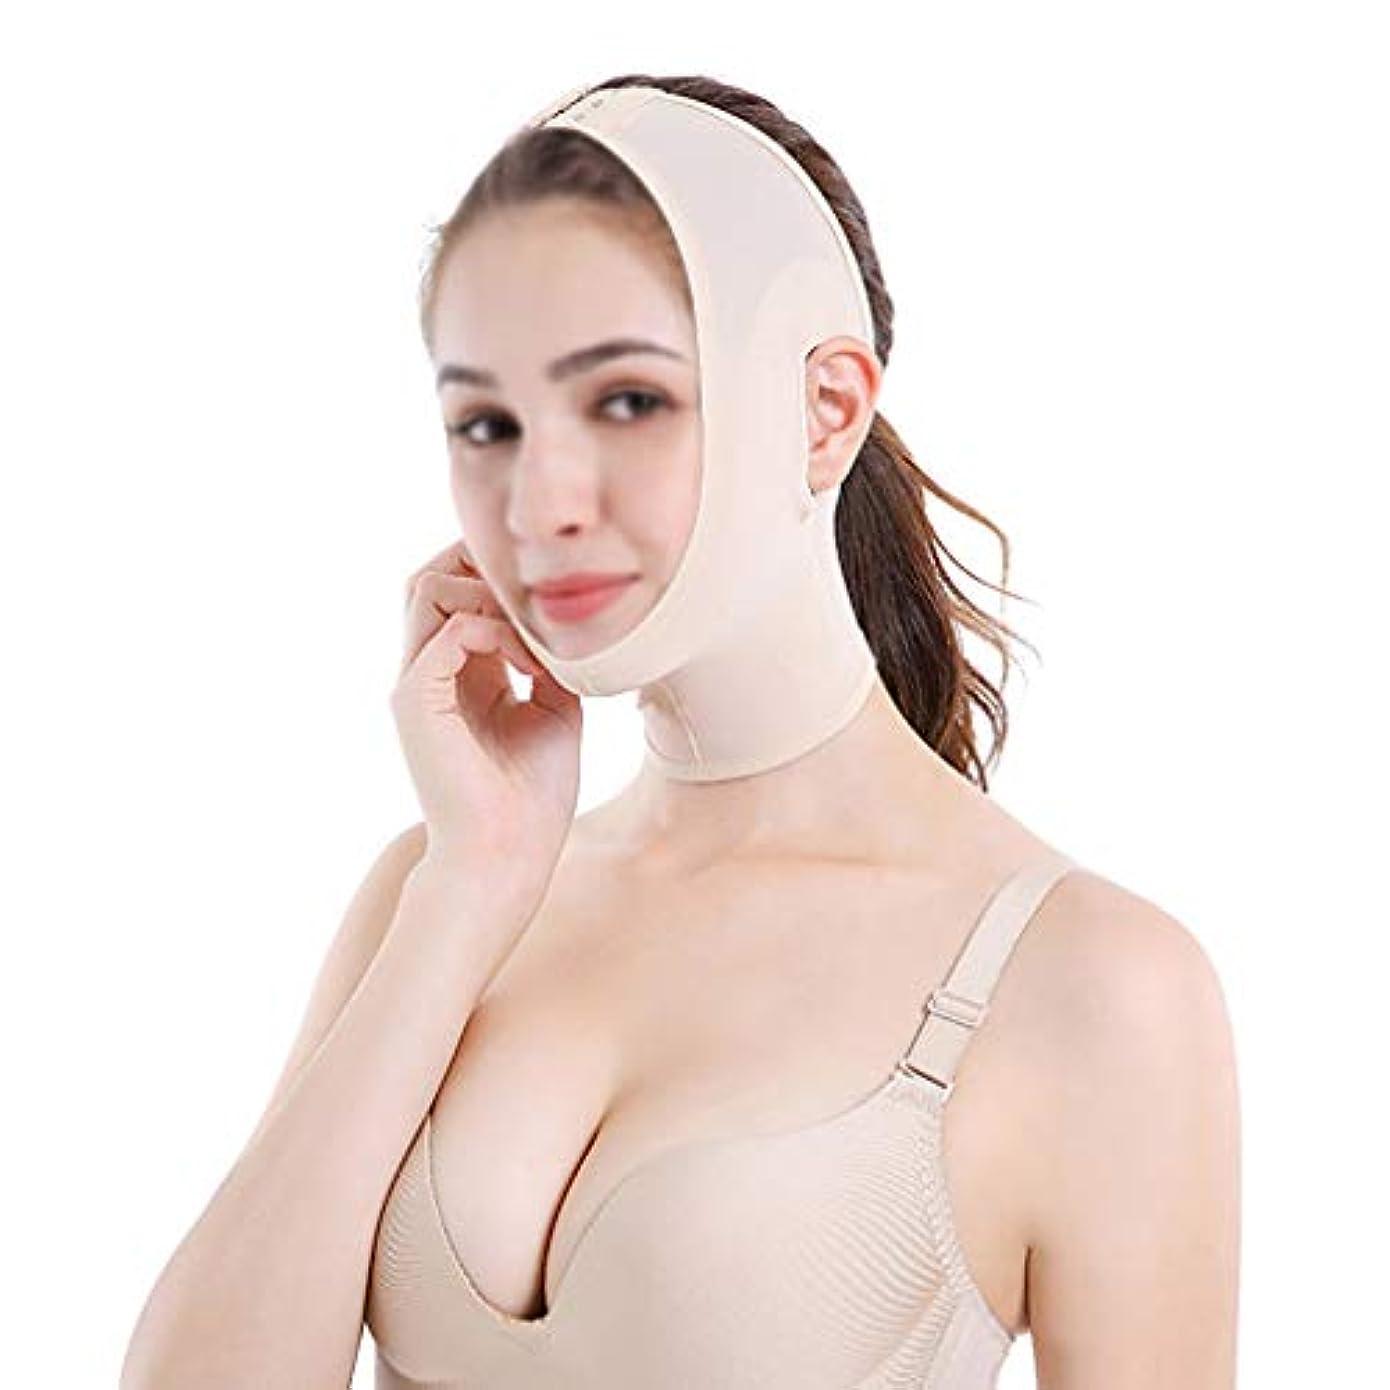 皮チーム男らしいGLJJQMY ベルト痩身ベルト薄い顔の包帯の小さいV顔の顔の薄い顔のアーティファクトの薄い顔の固定マスク 顔用整形マスク (Size : L)